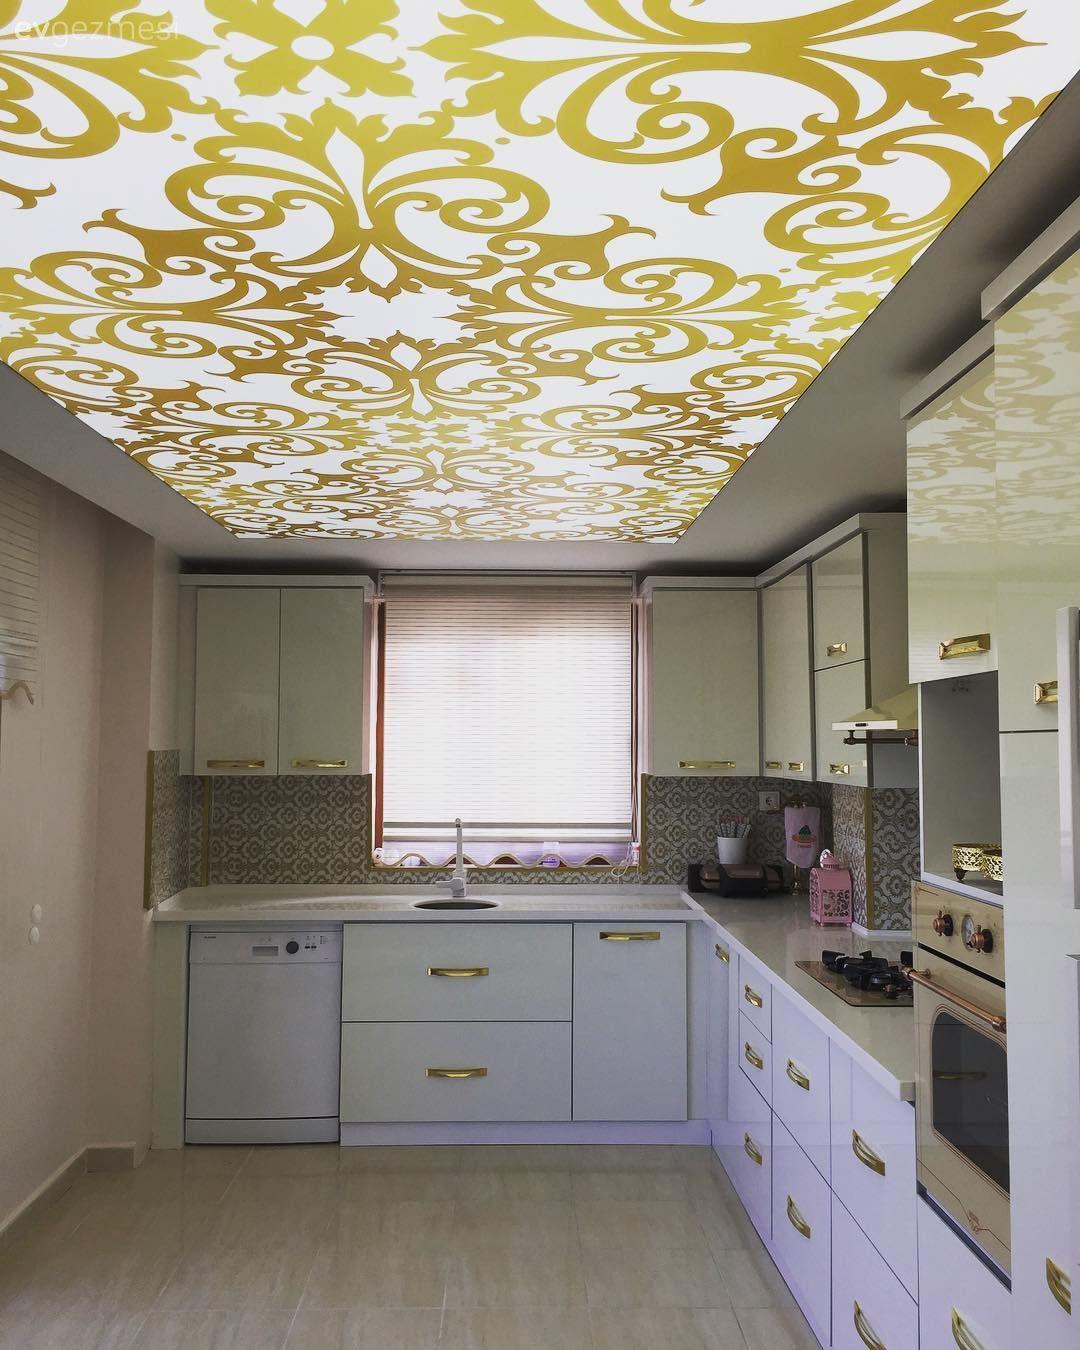 Mutfak Tavan Tasarimlari 5: Gergi Tavan Dekorasyon Fikirleri Ve Fotoğrafları